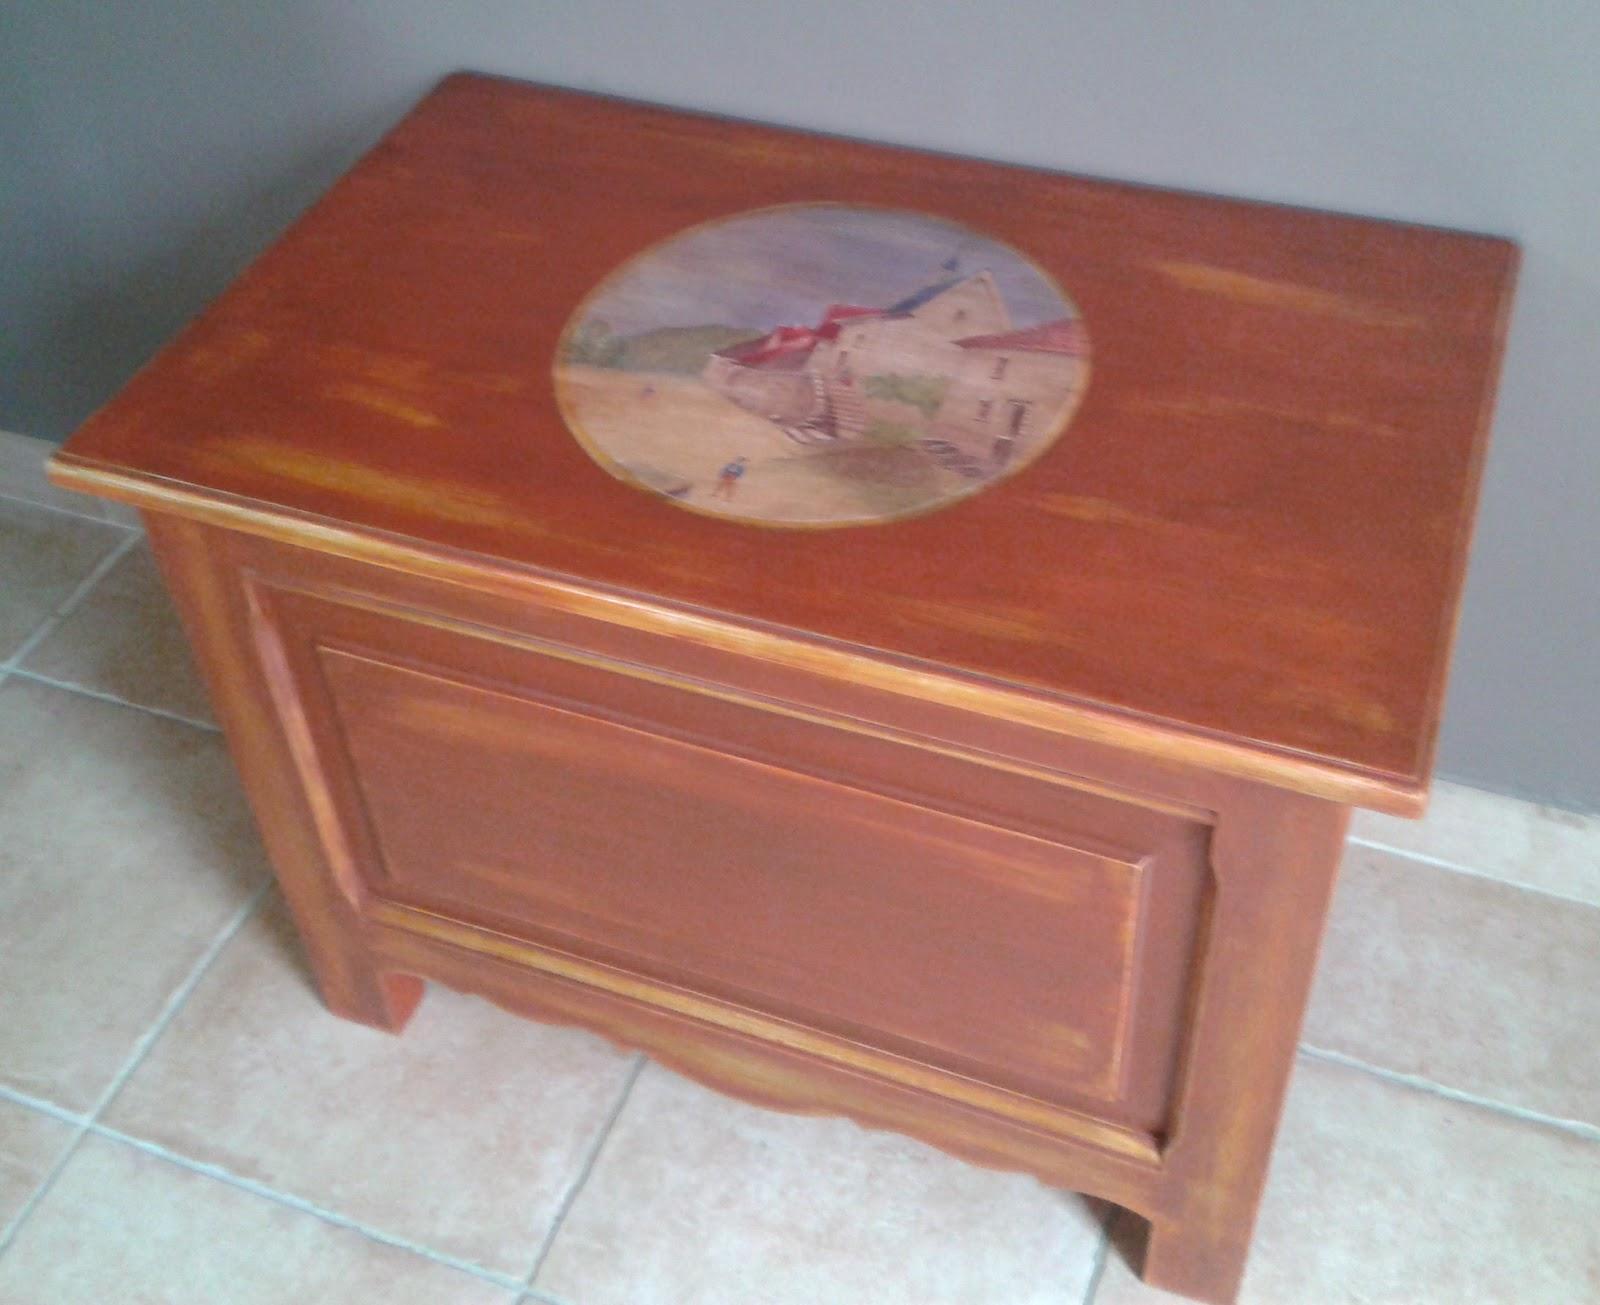 Dominique gilles eb niste meubles peints for Patine peinture acrylique